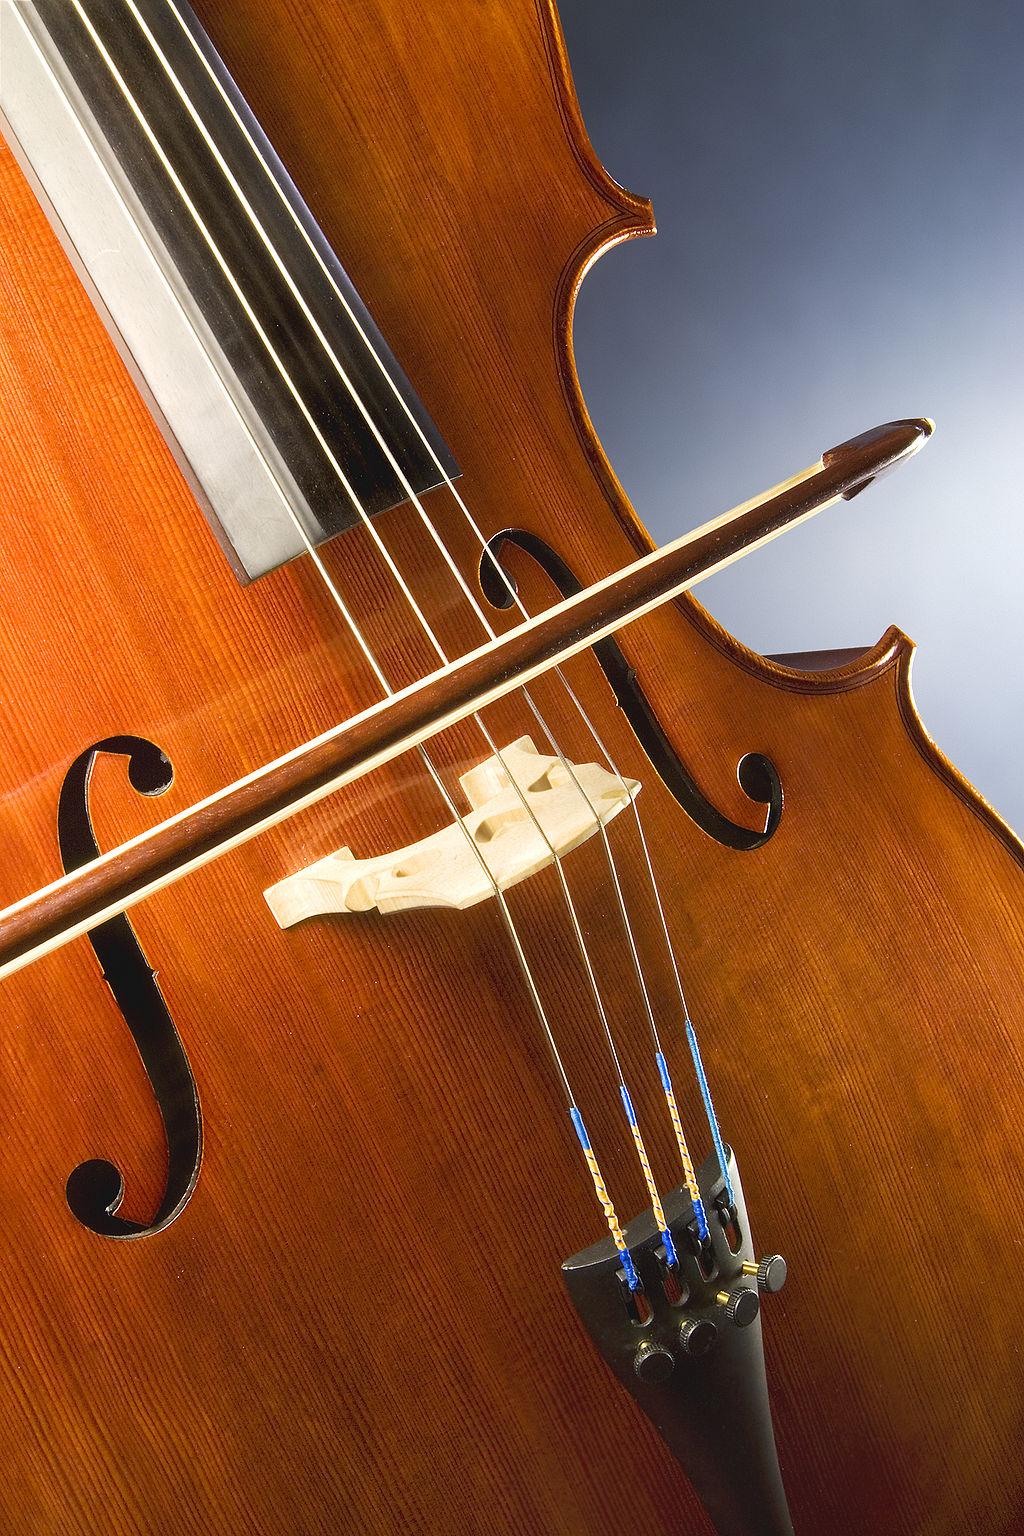 1024px-Cello_study